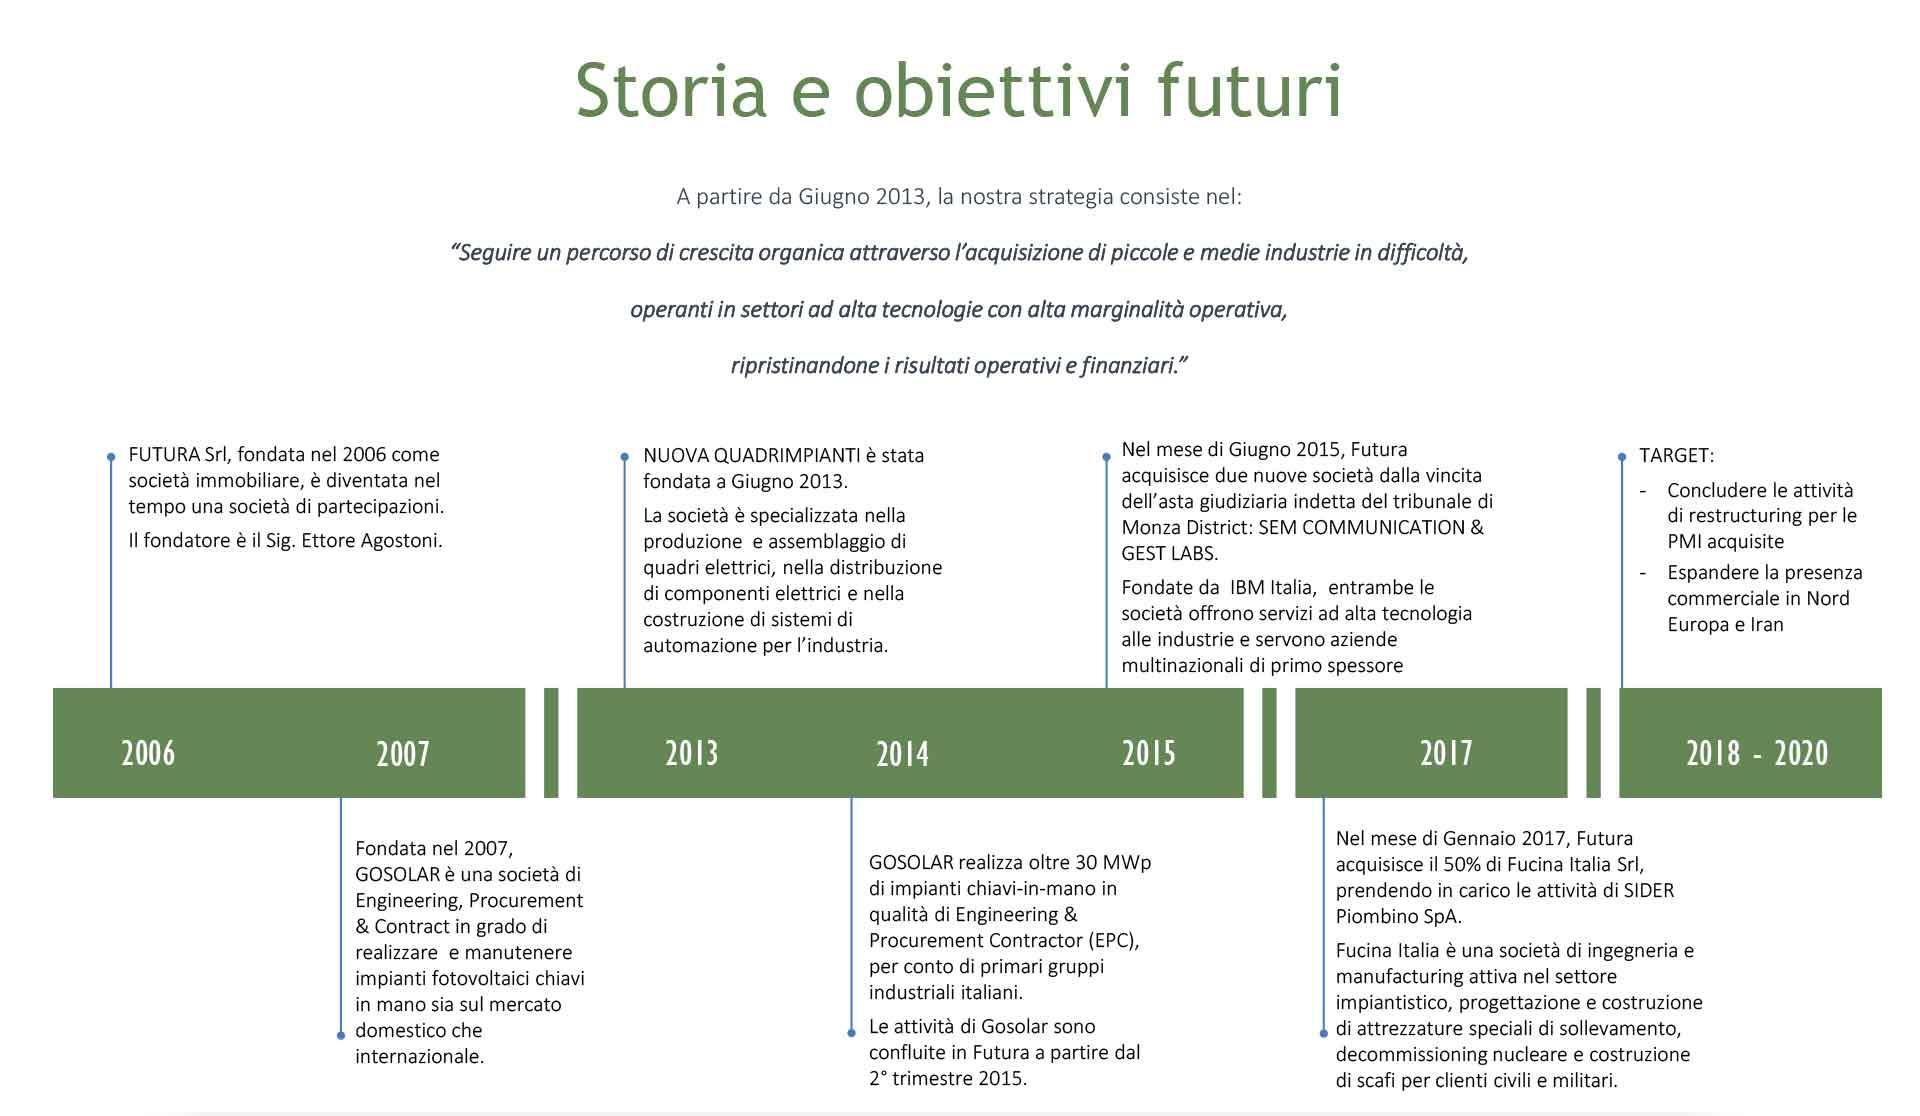 gruppo futura storia obiettivi futuri